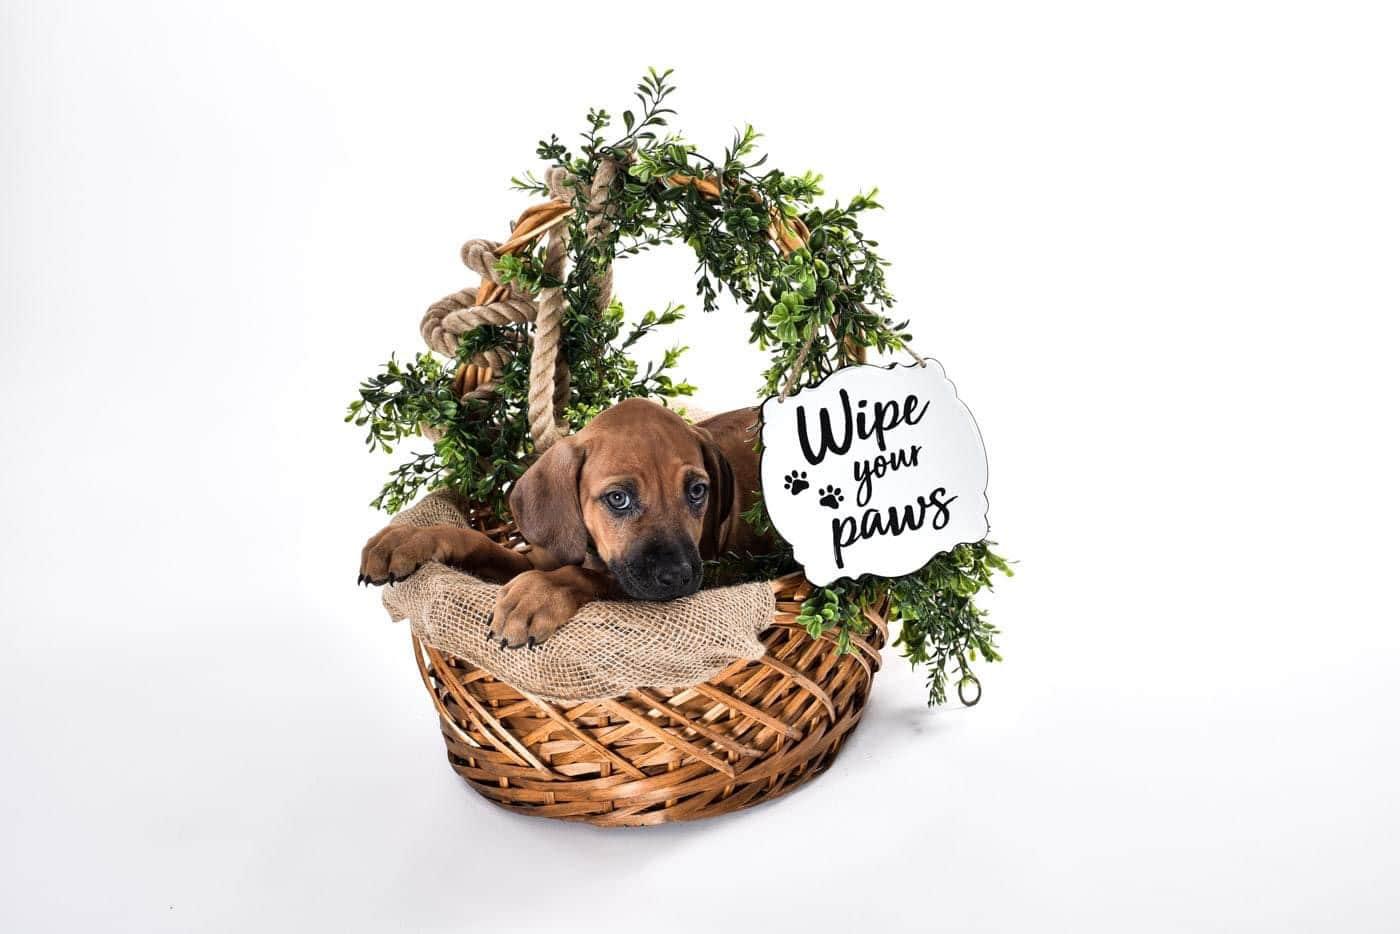 cute rhodesian puppy